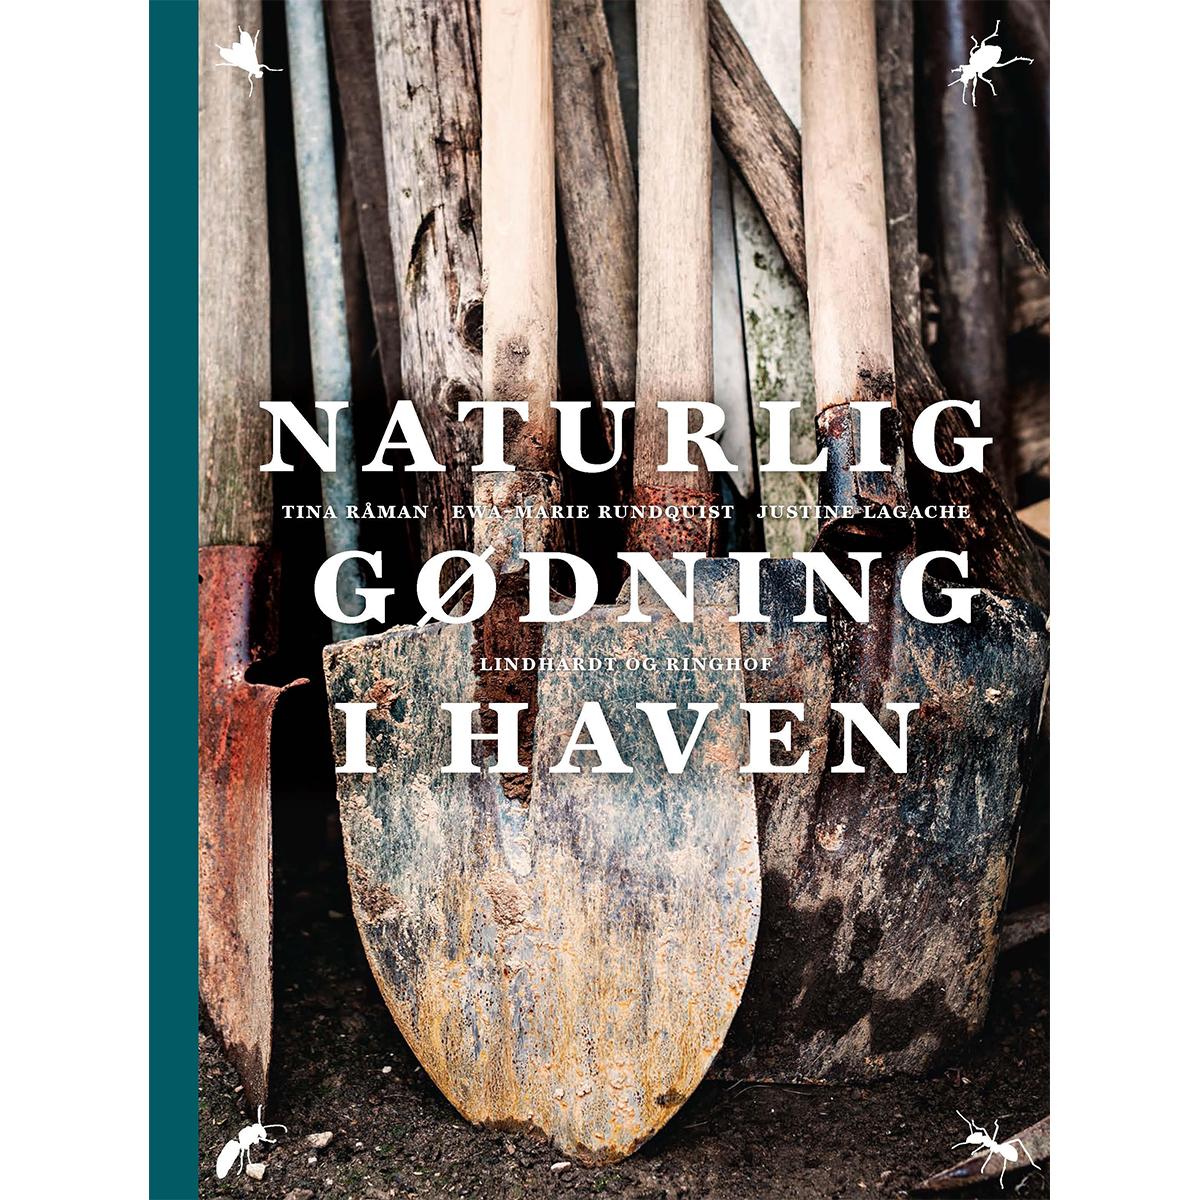 Billede af Naturlig gødning i haven - Hardback